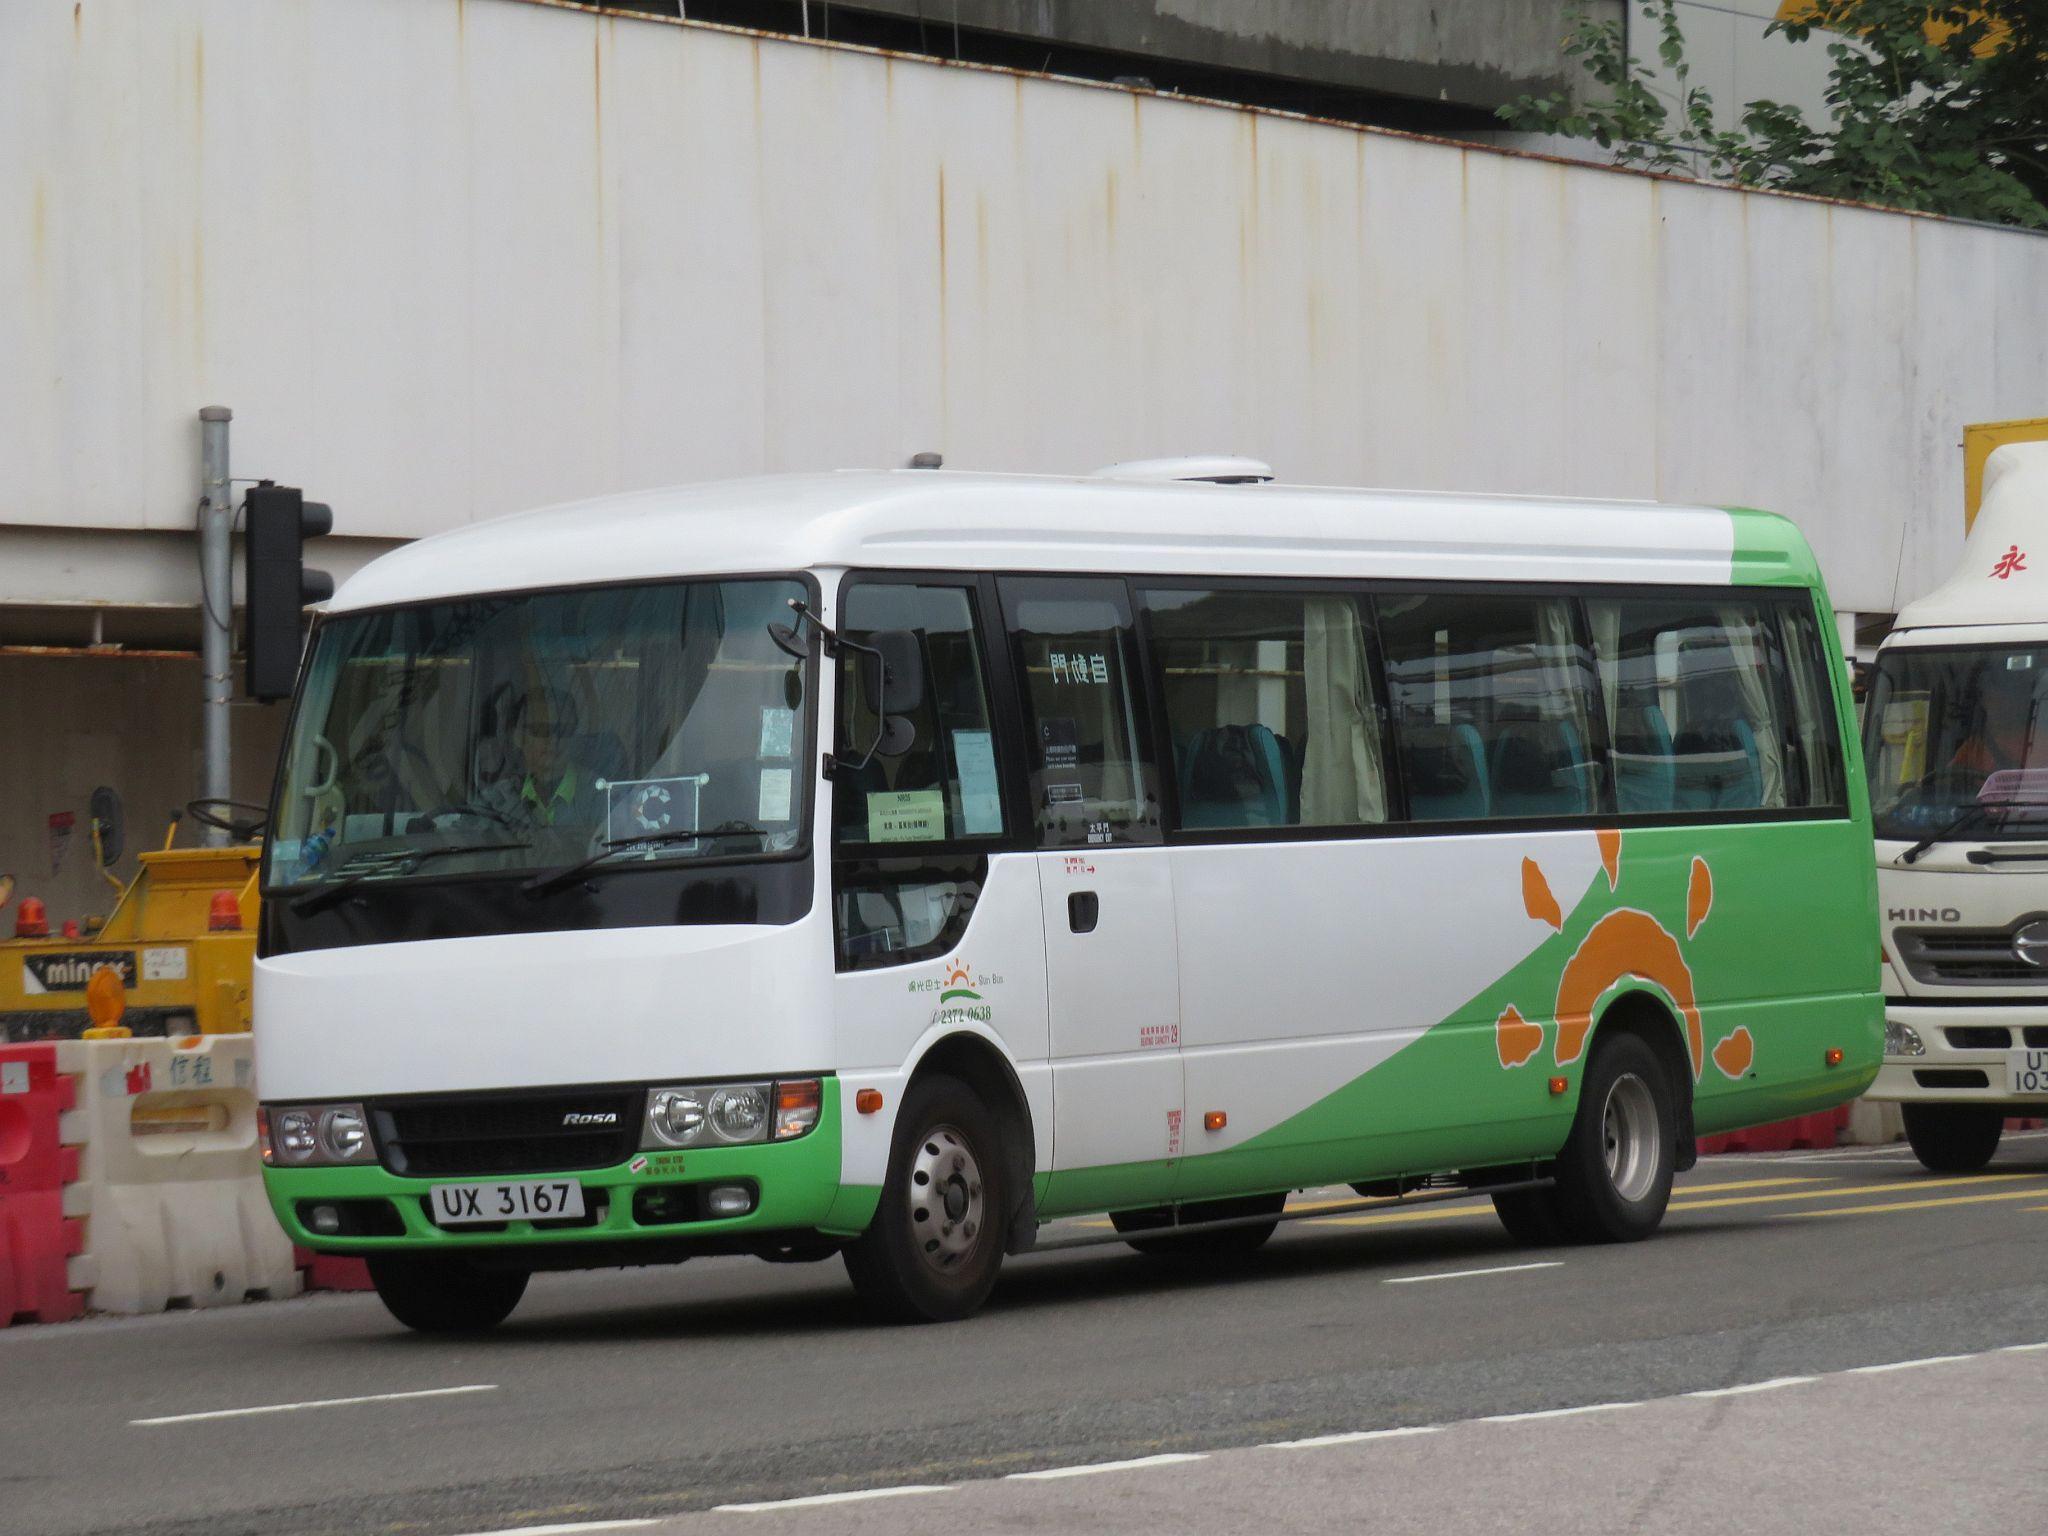 居民巴士NR05線